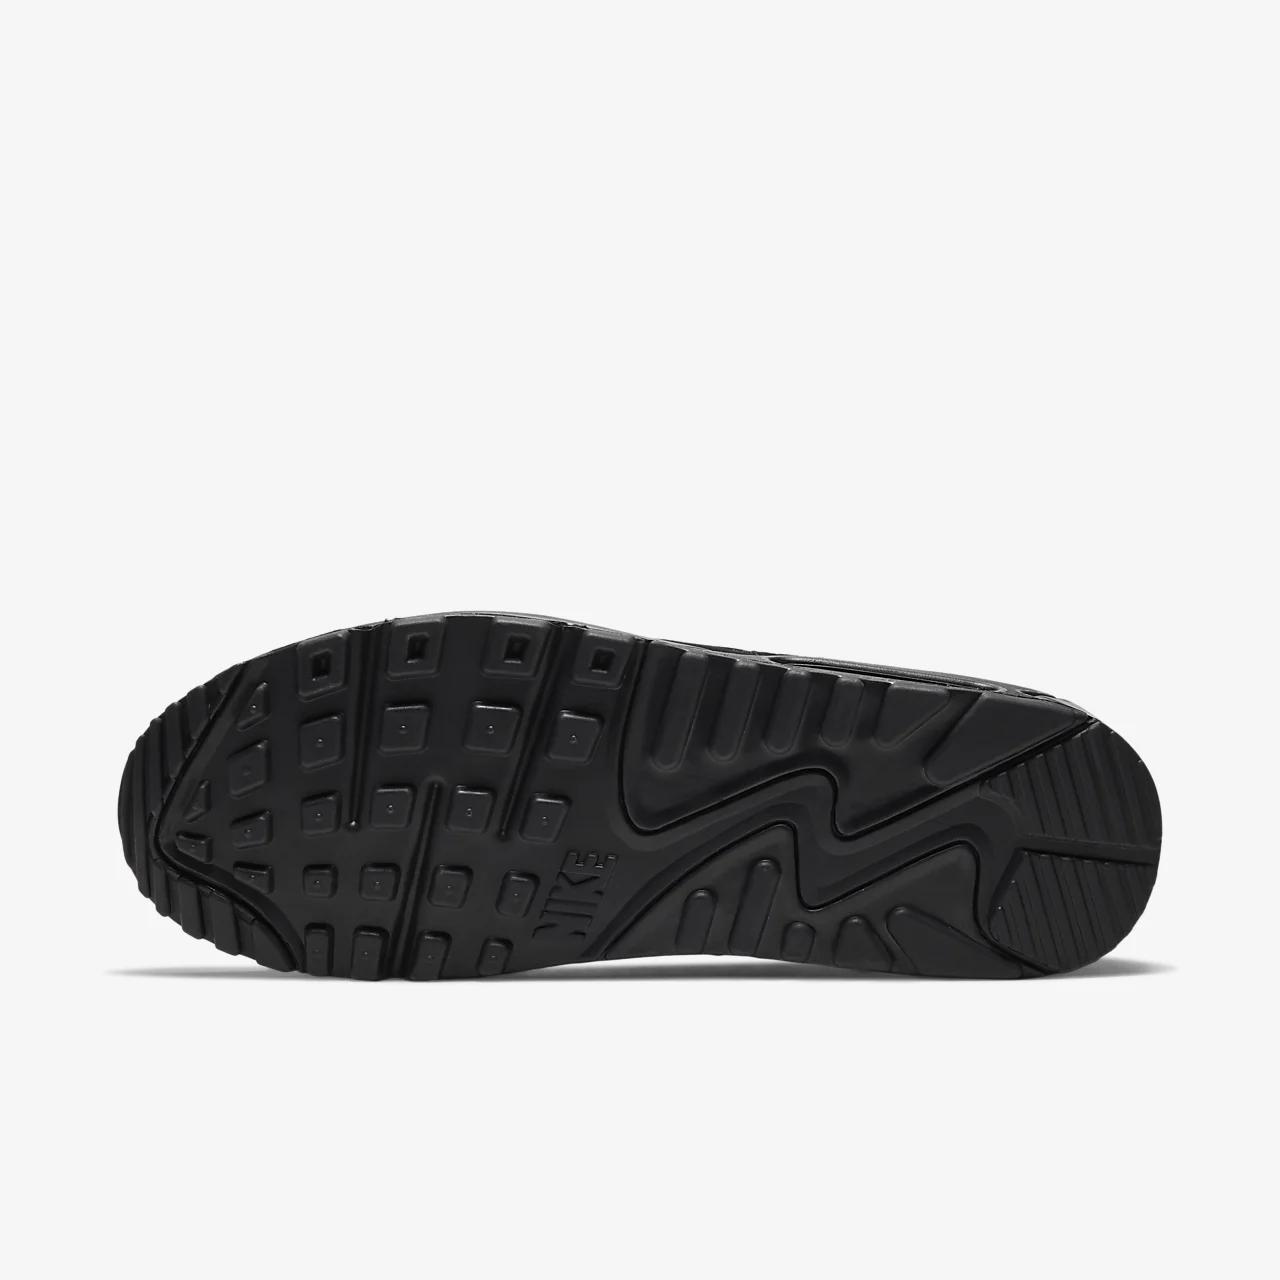 나이키 에어 맥스 90 남자 신발 CN8490-003